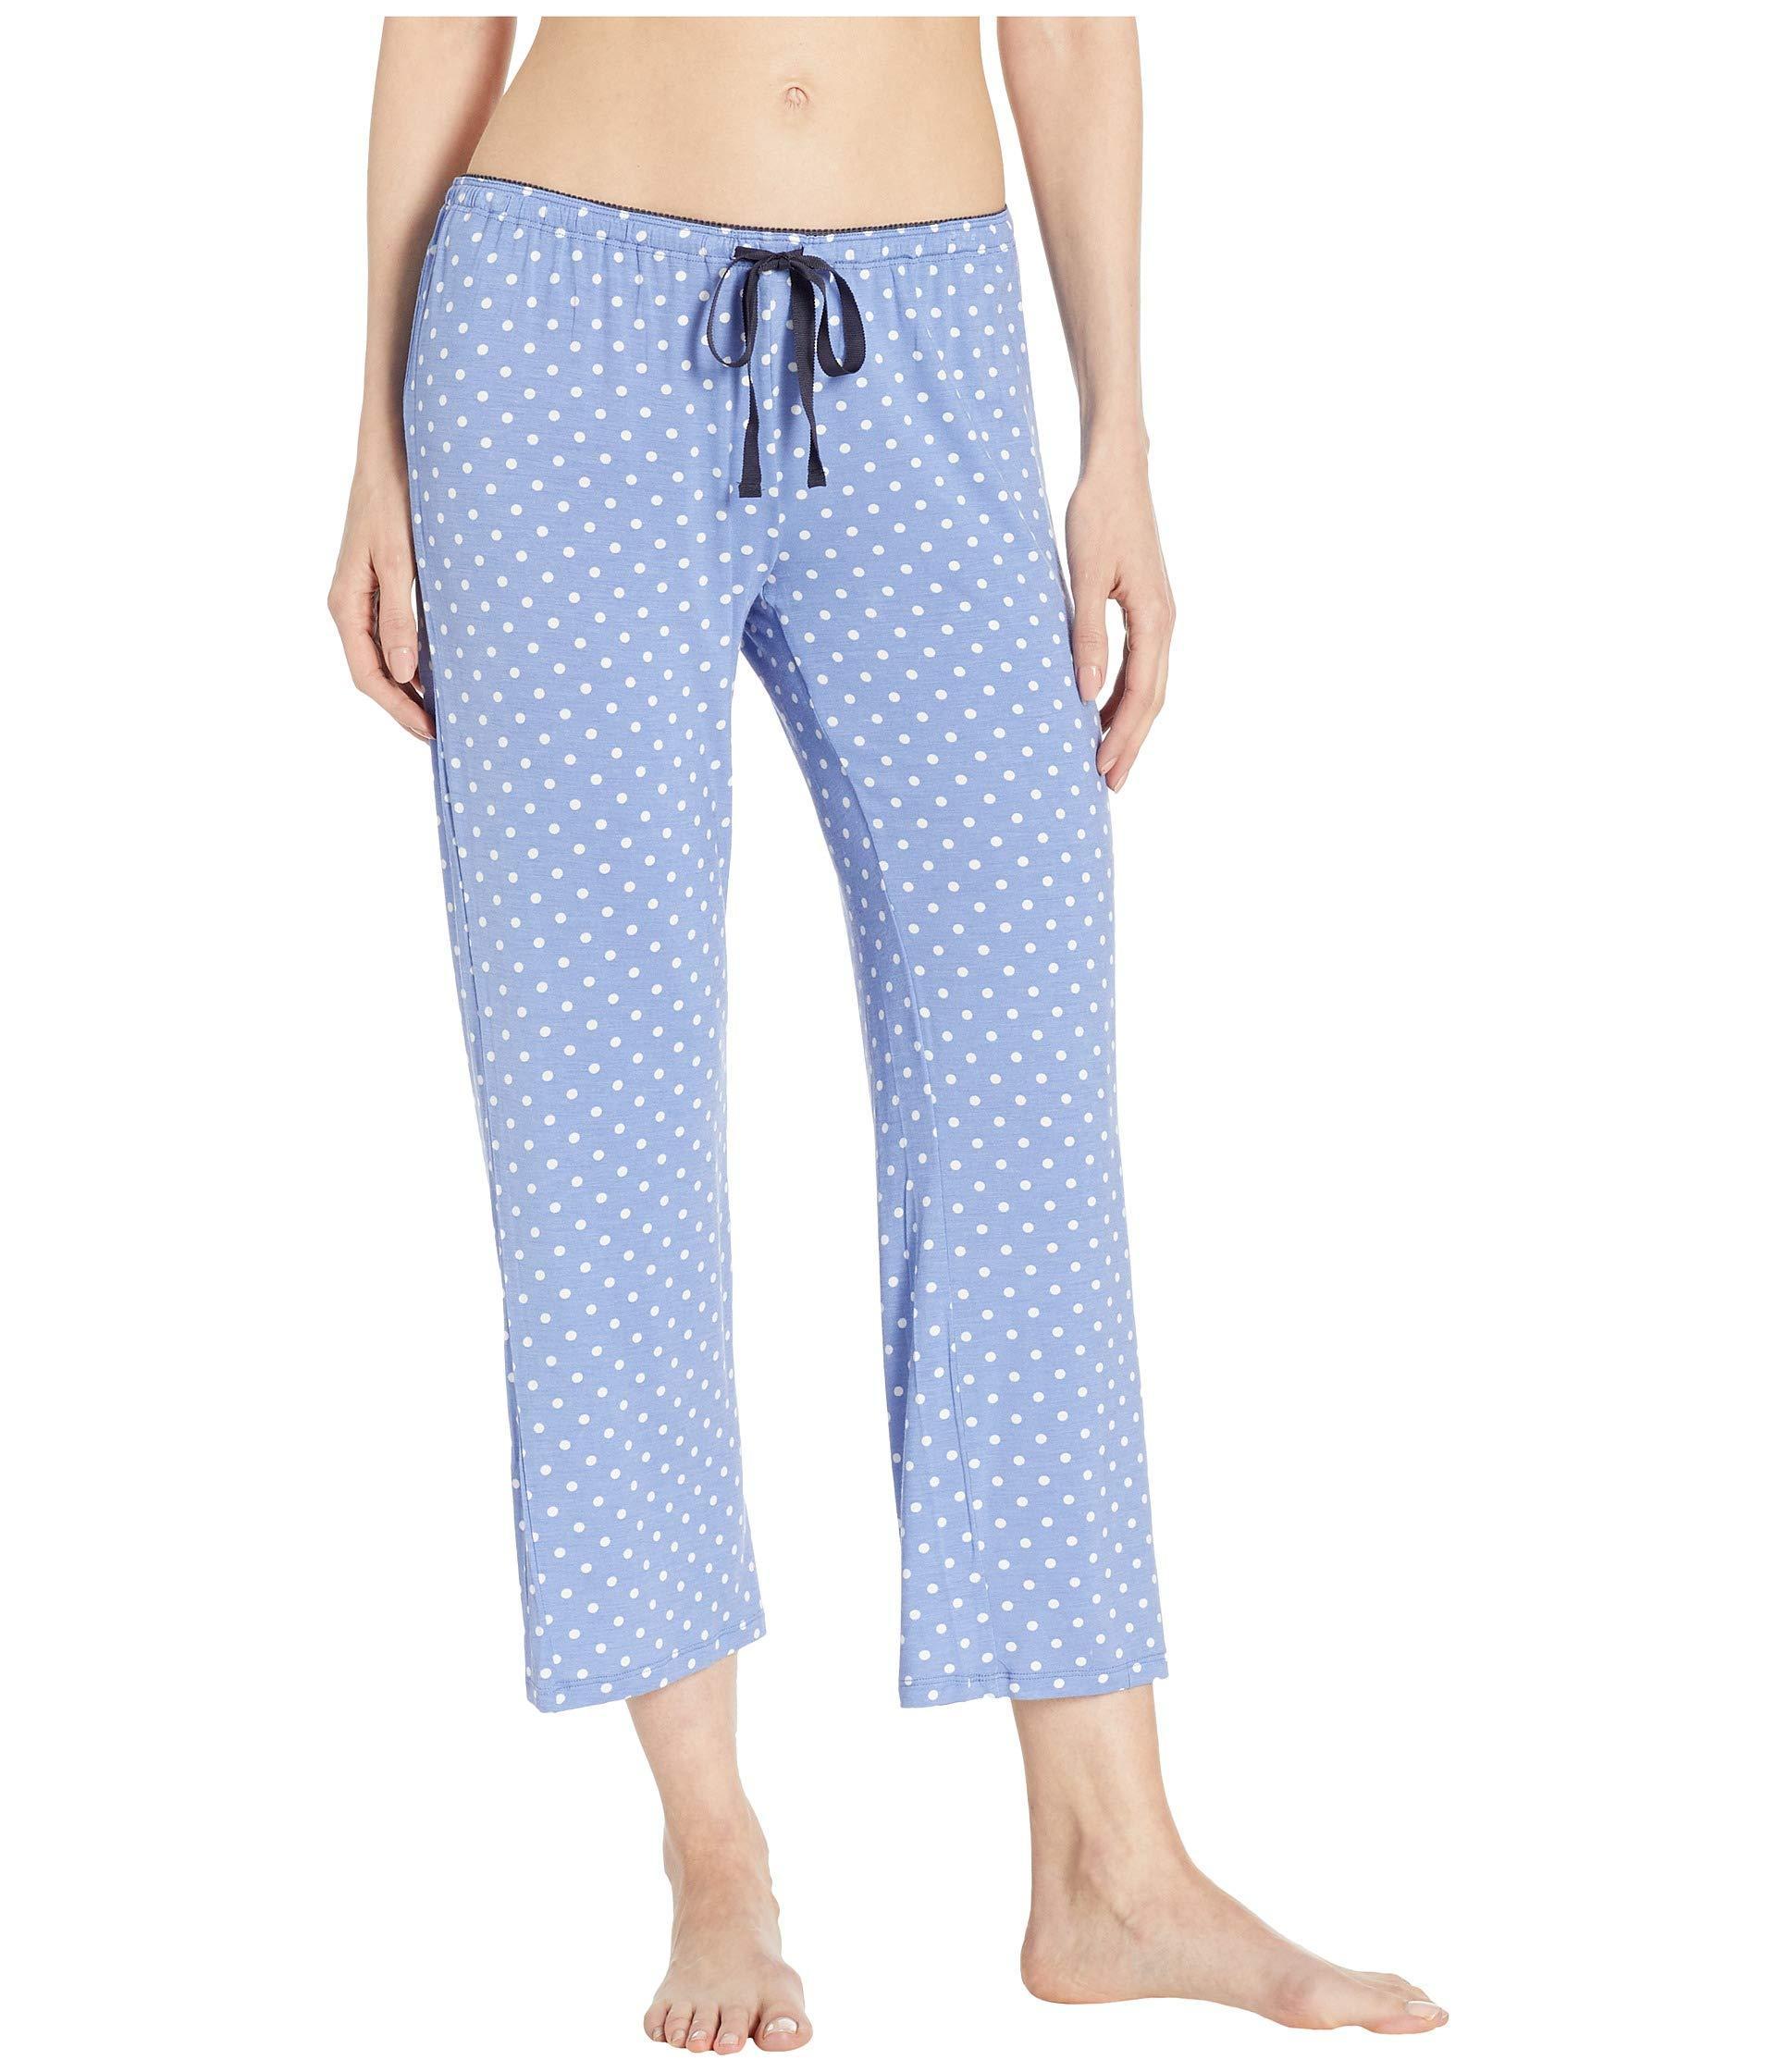 bb973717b5 Lyst - Pj Salvage Polka Dot Pants (peri) Women s Pajama in Blue